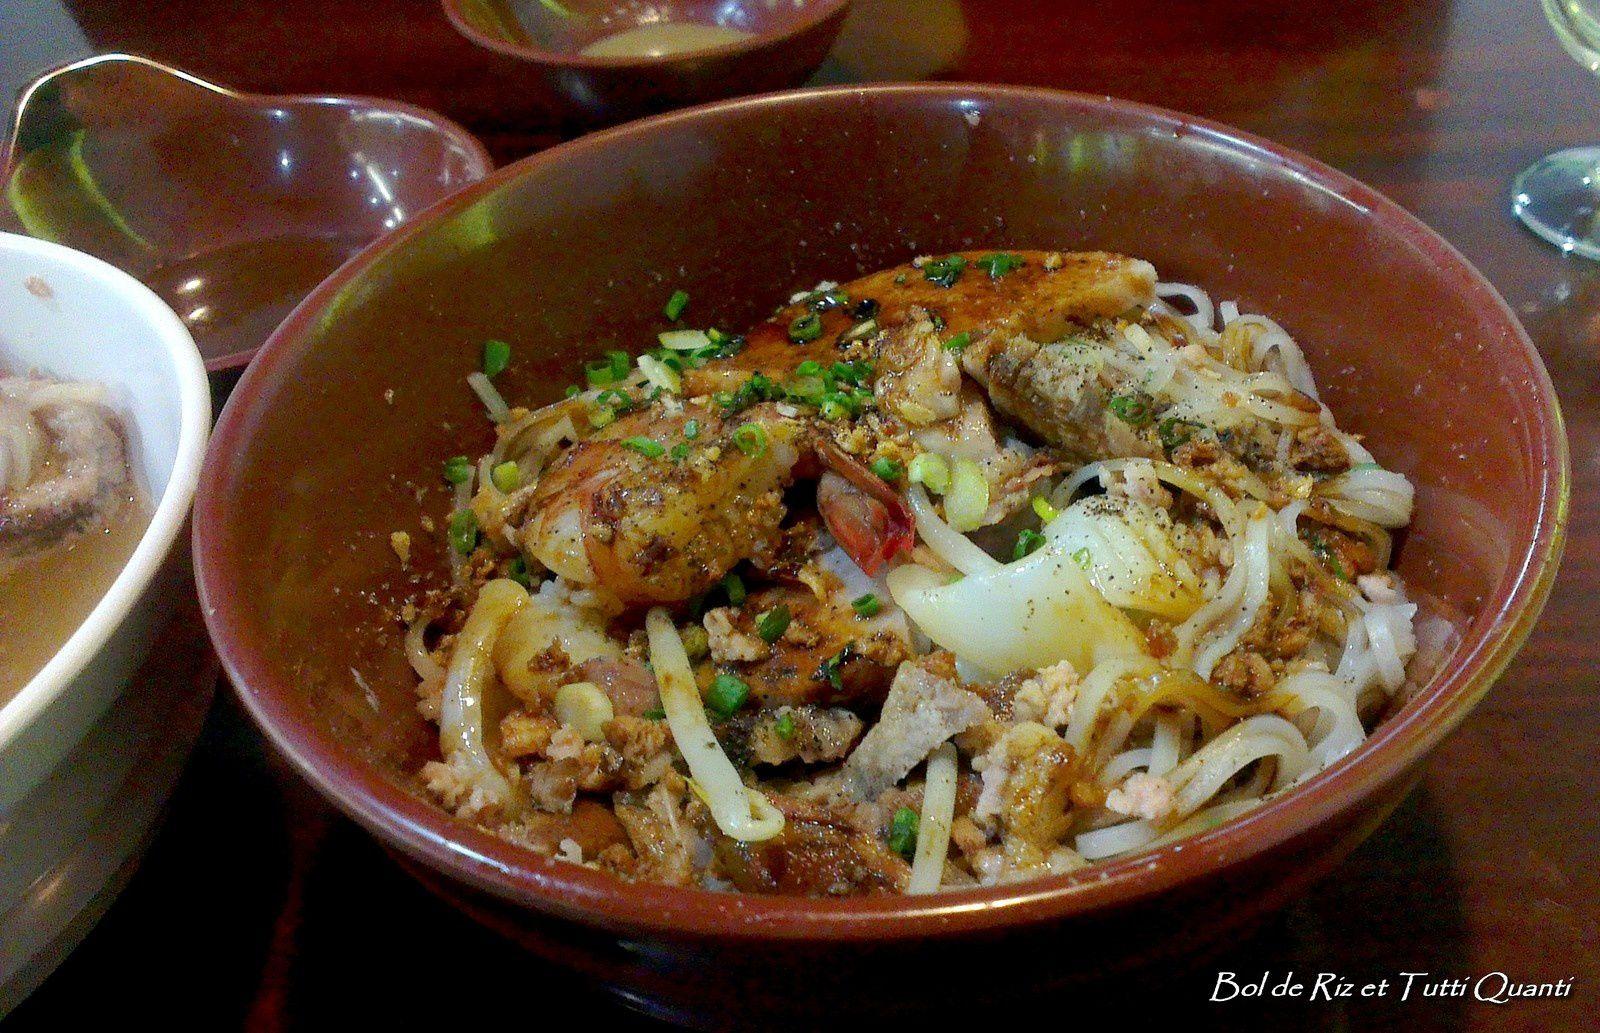 Le Top 5 des meilleures soupes asiatiques #MyAsianWorld